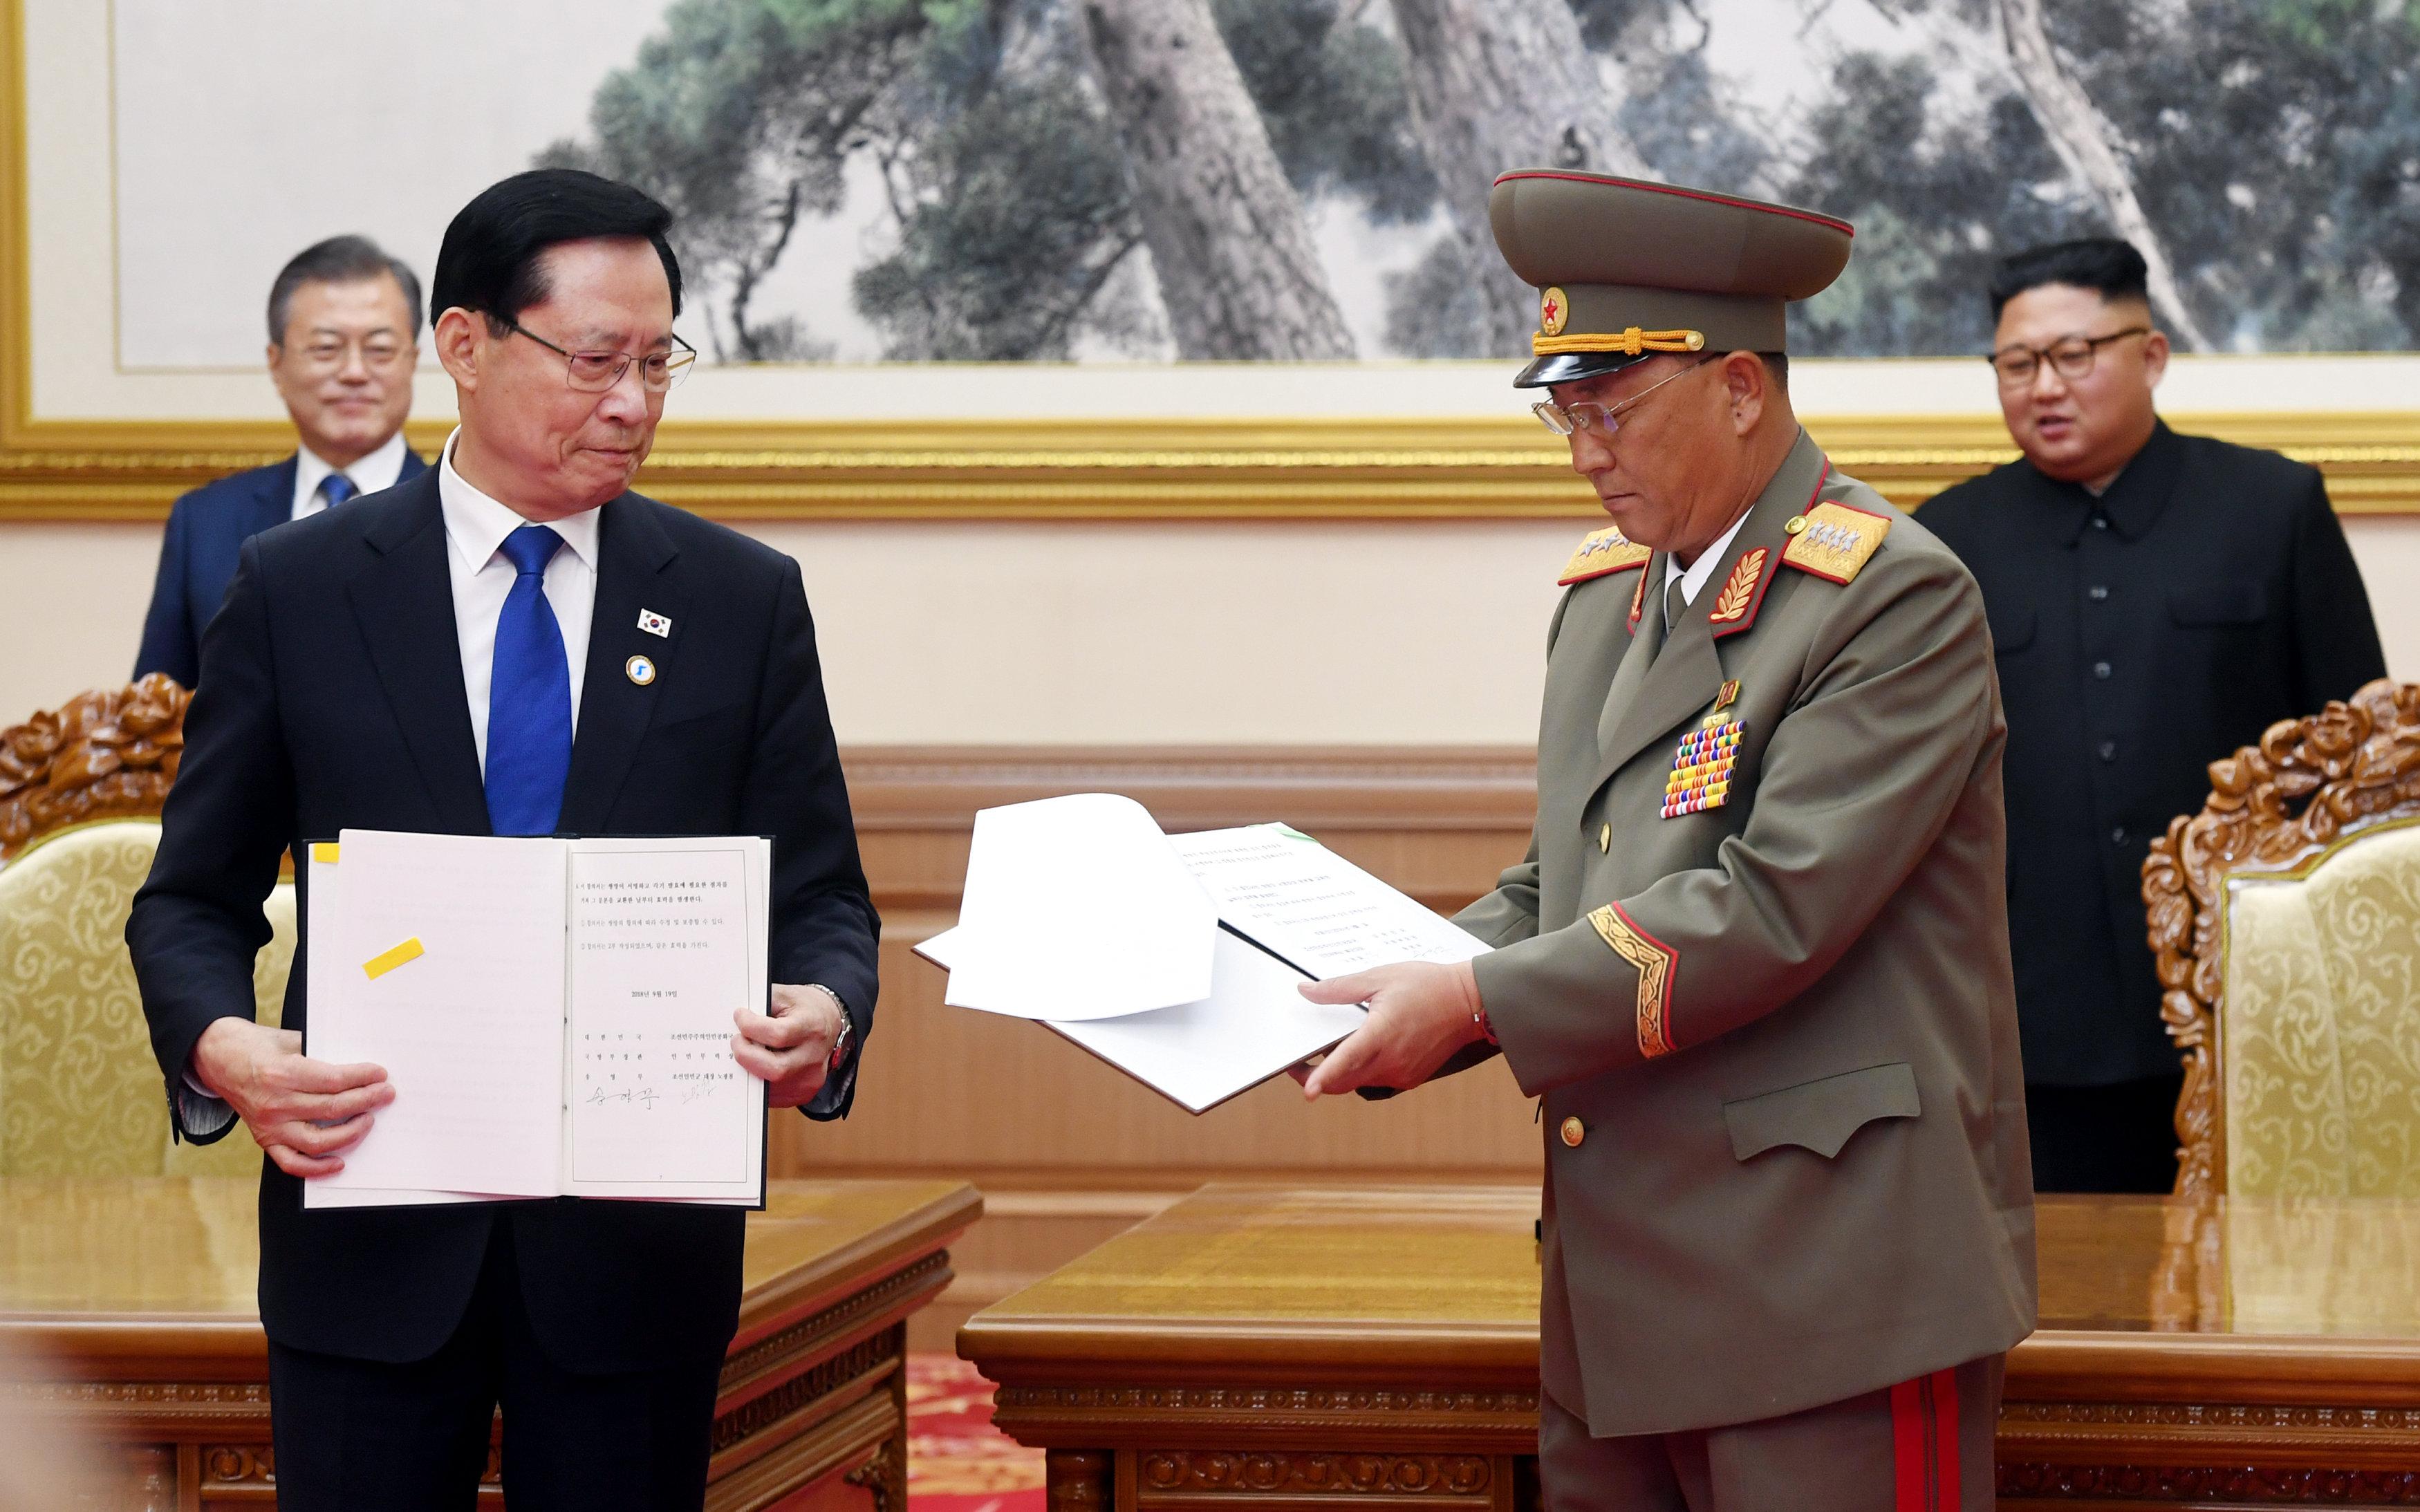 وزيرا دفاع البلدين وقعا اتفاقات لوقف المناورات العسكرية على الحدود بين البلدين